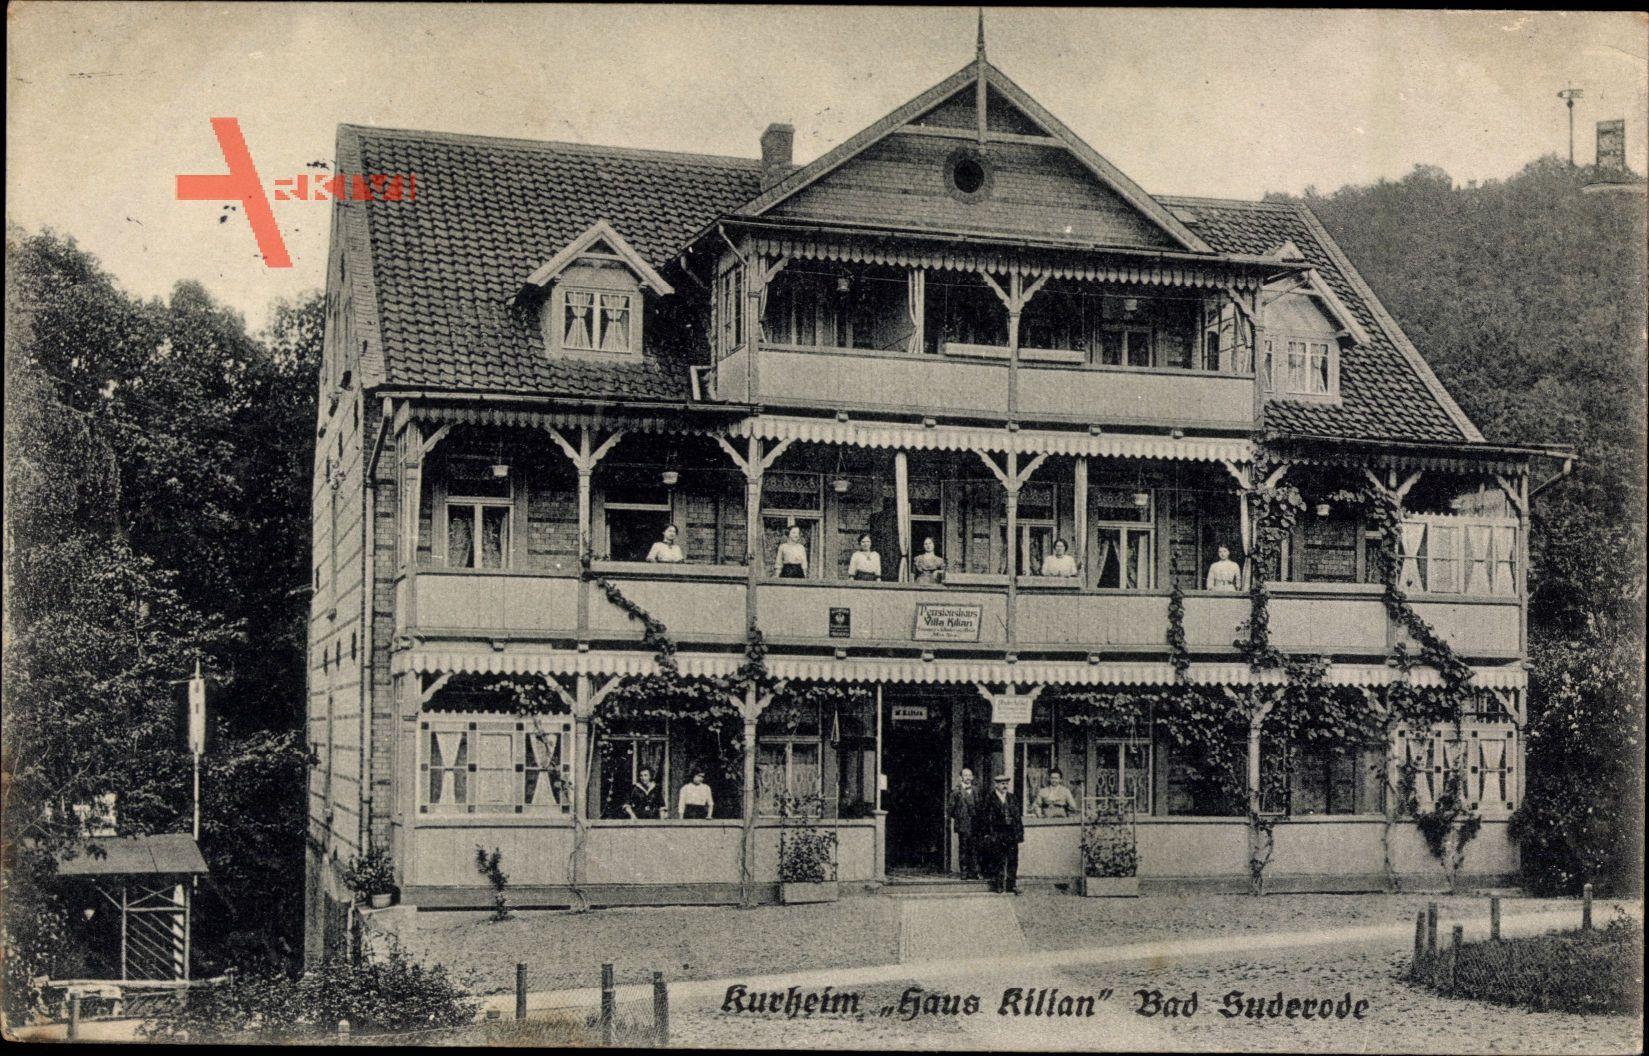 Bad Suderode im Harz, Das Kurheim Haus Kilian mit Personal